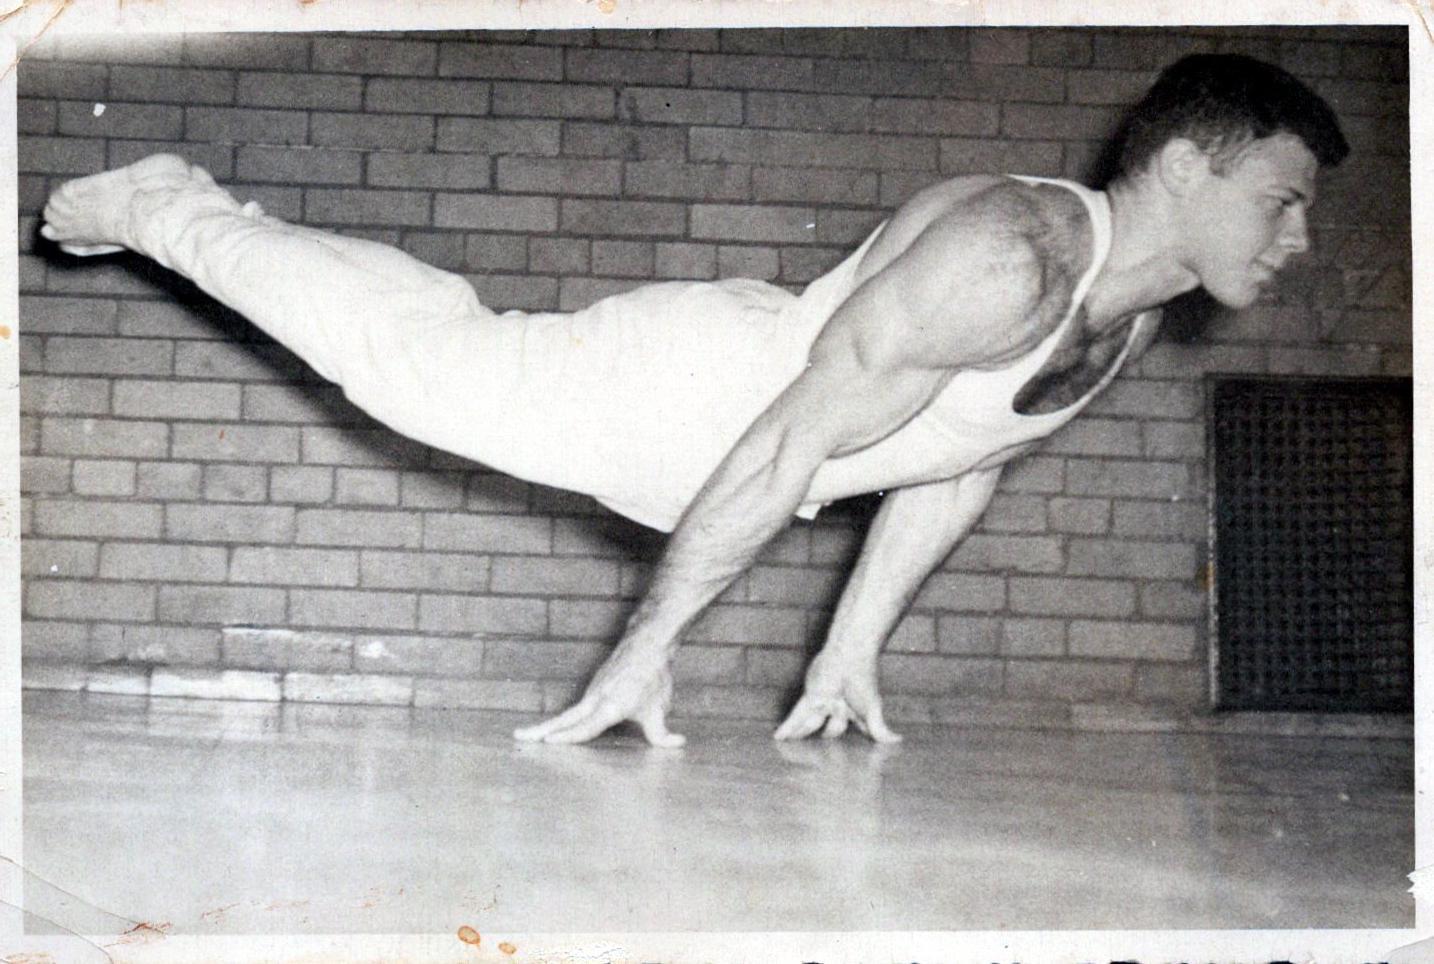 RVK--a gymnast